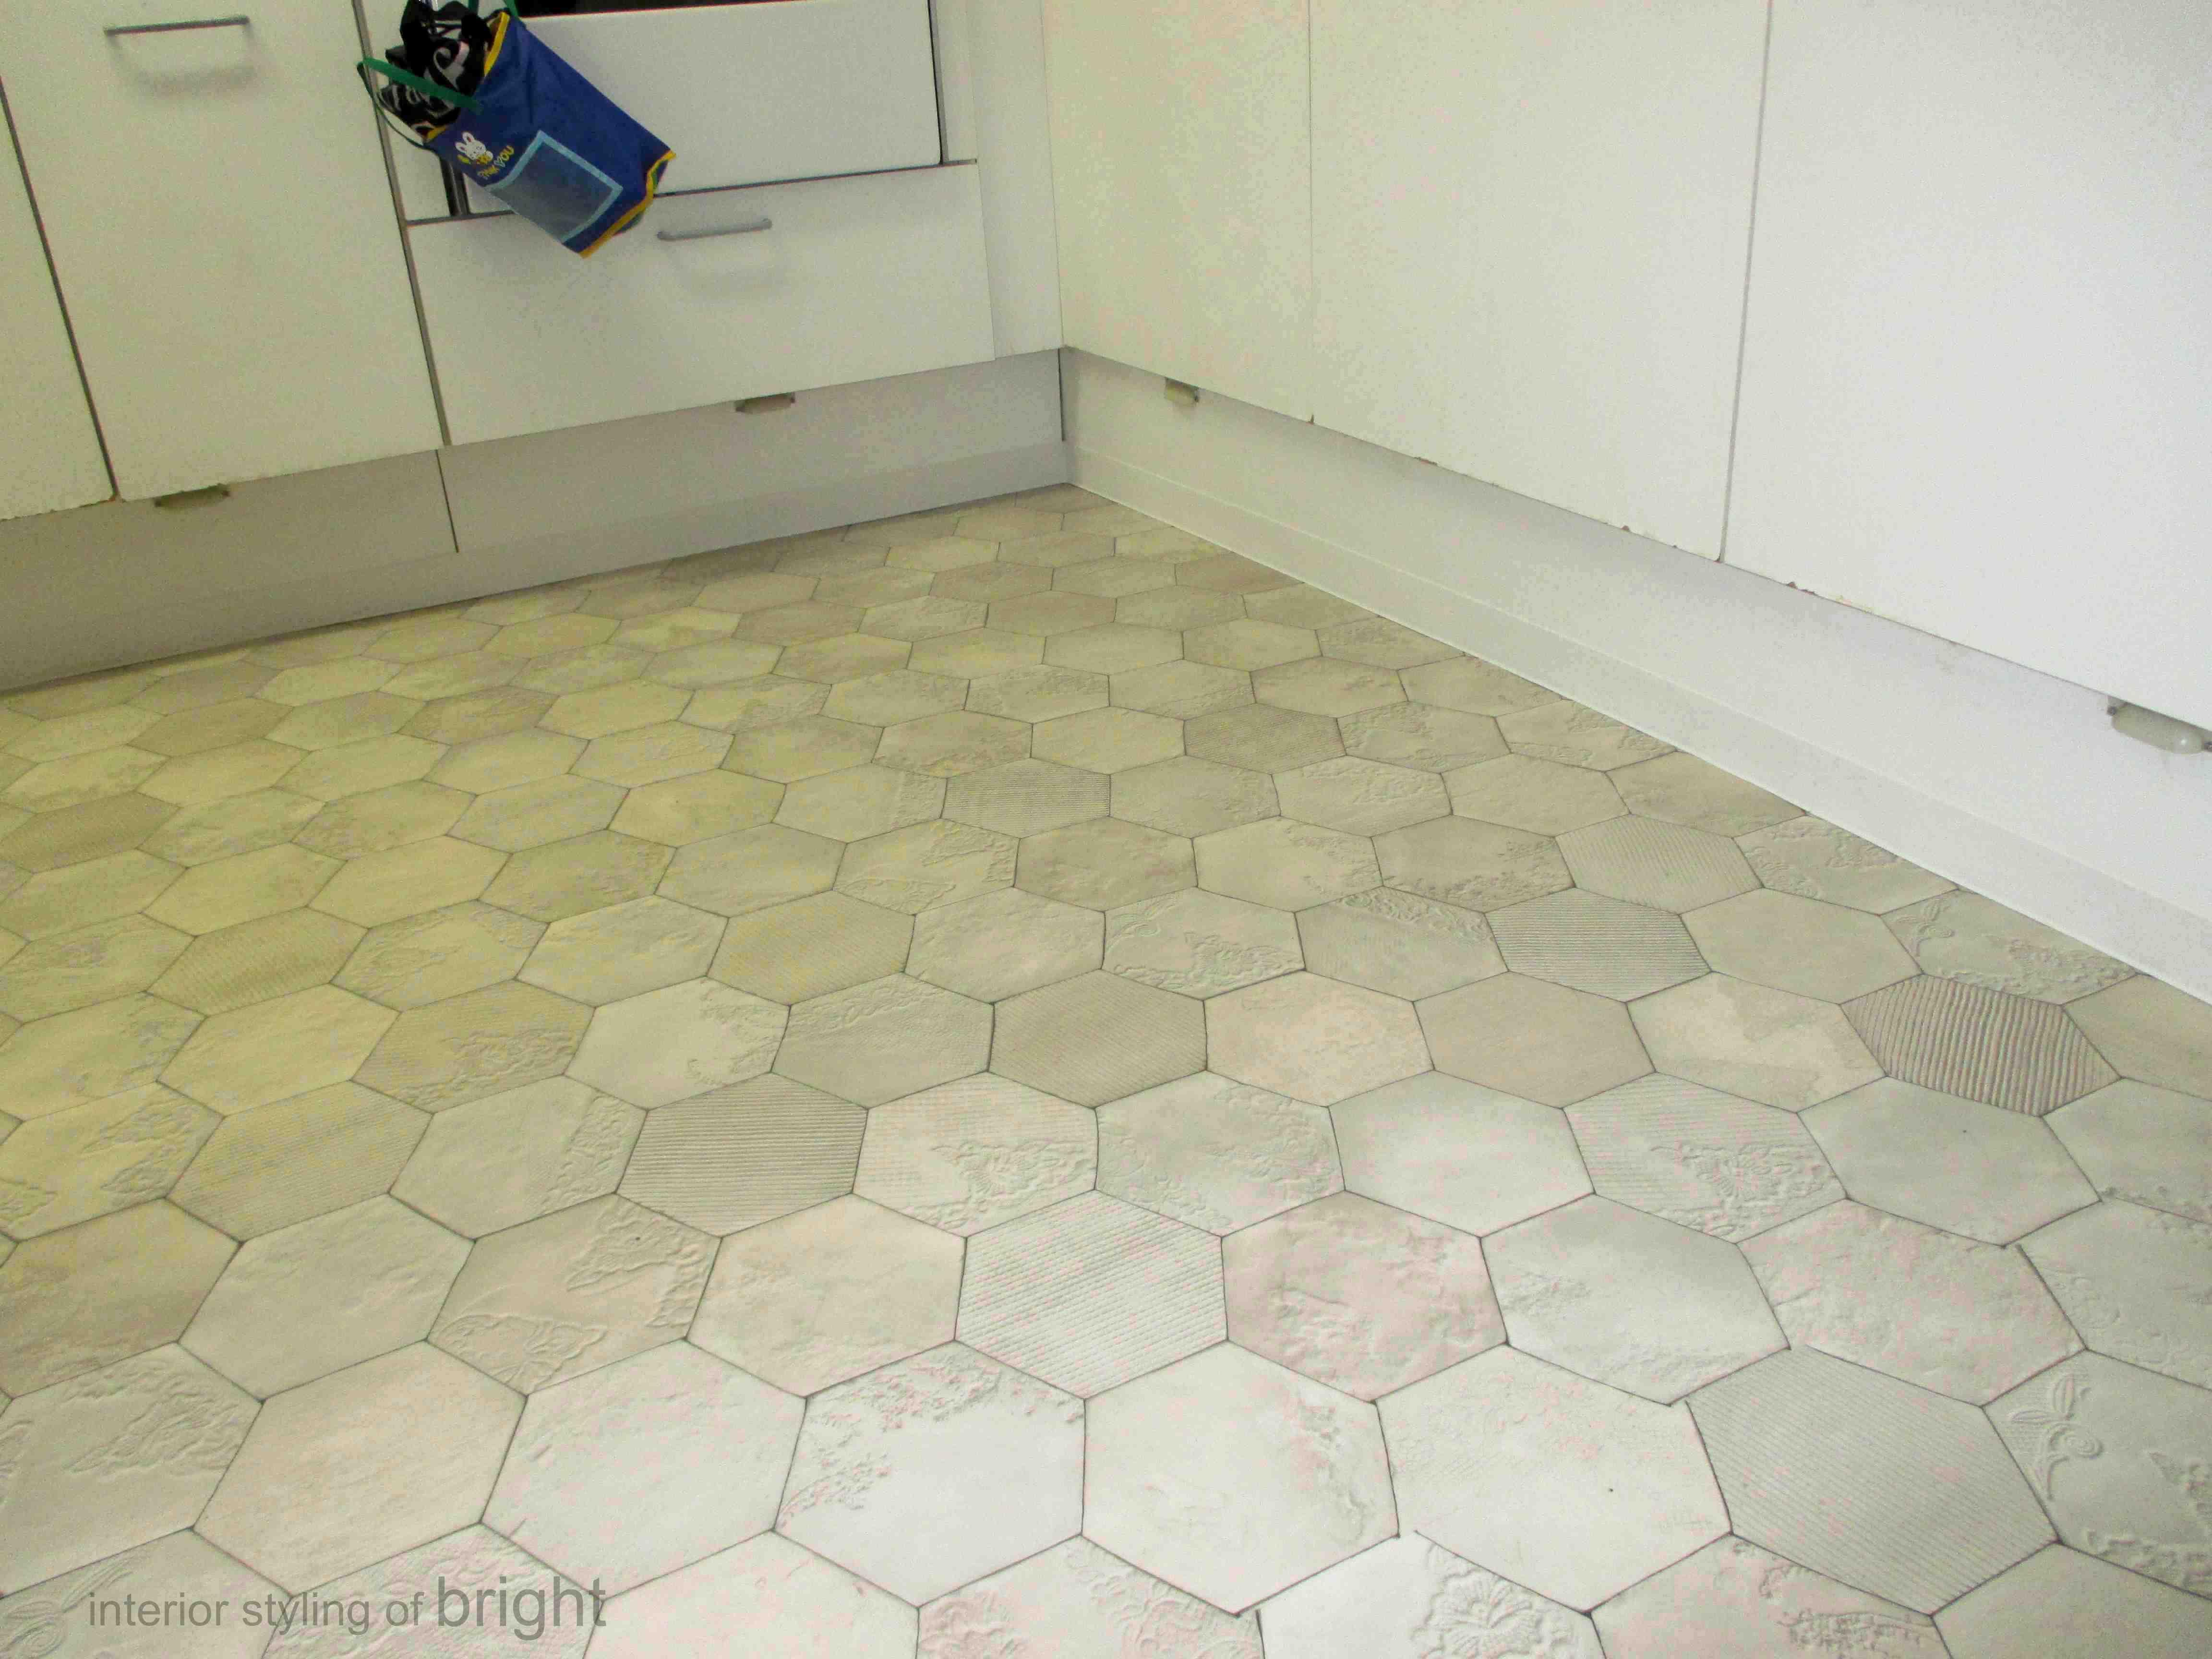 キッチンのクッションフロア(CF)張替え工事_c0157866_18022949.jpg